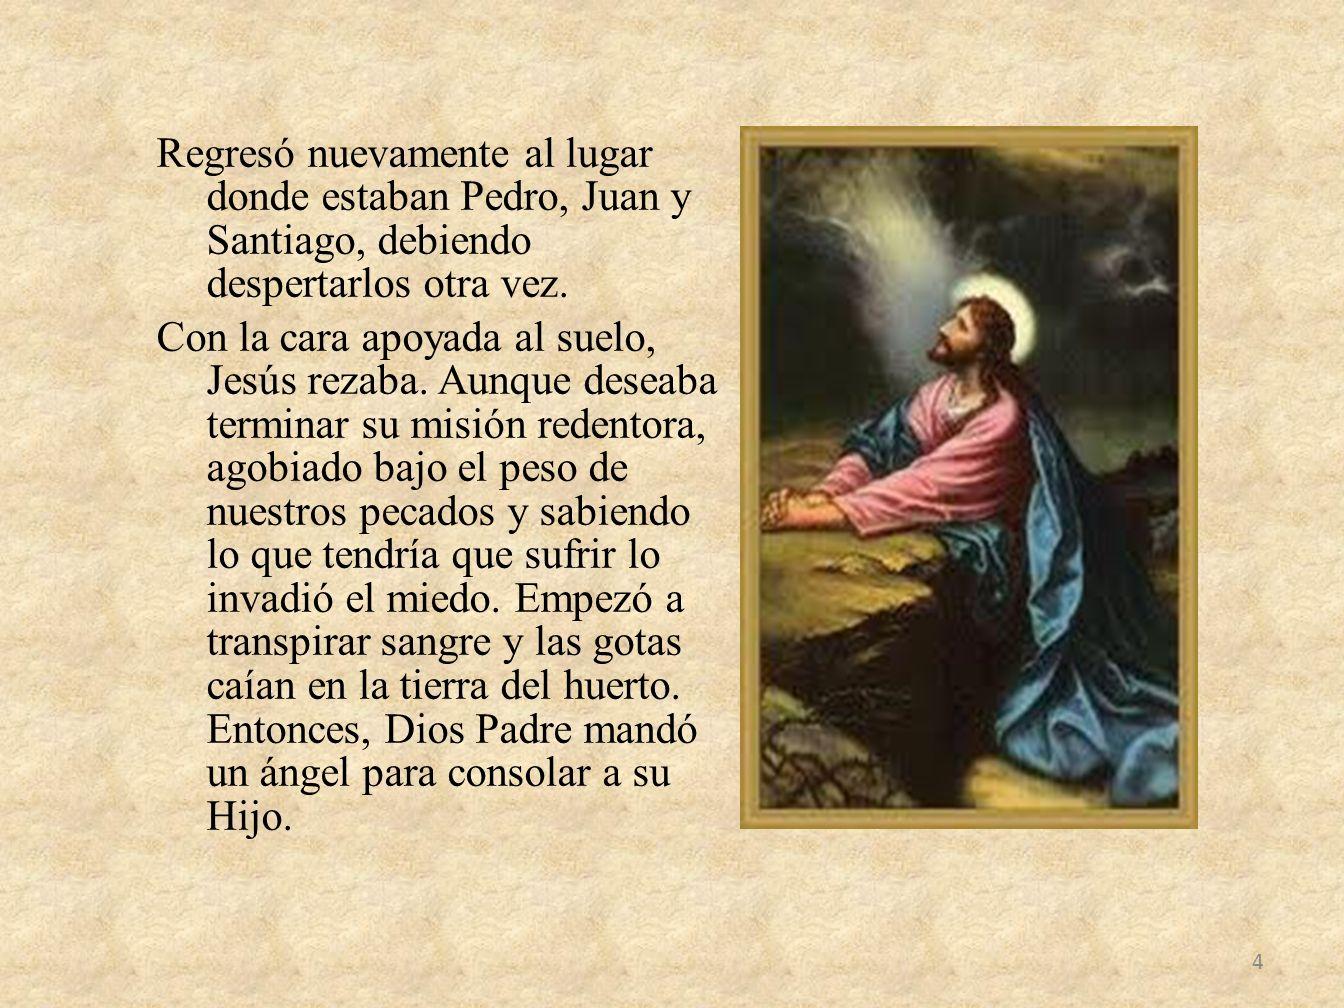 Regresó nuevamente al lugar donde estaban Pedro, Juan y Santiago, debiendo despertarlos otra vez.